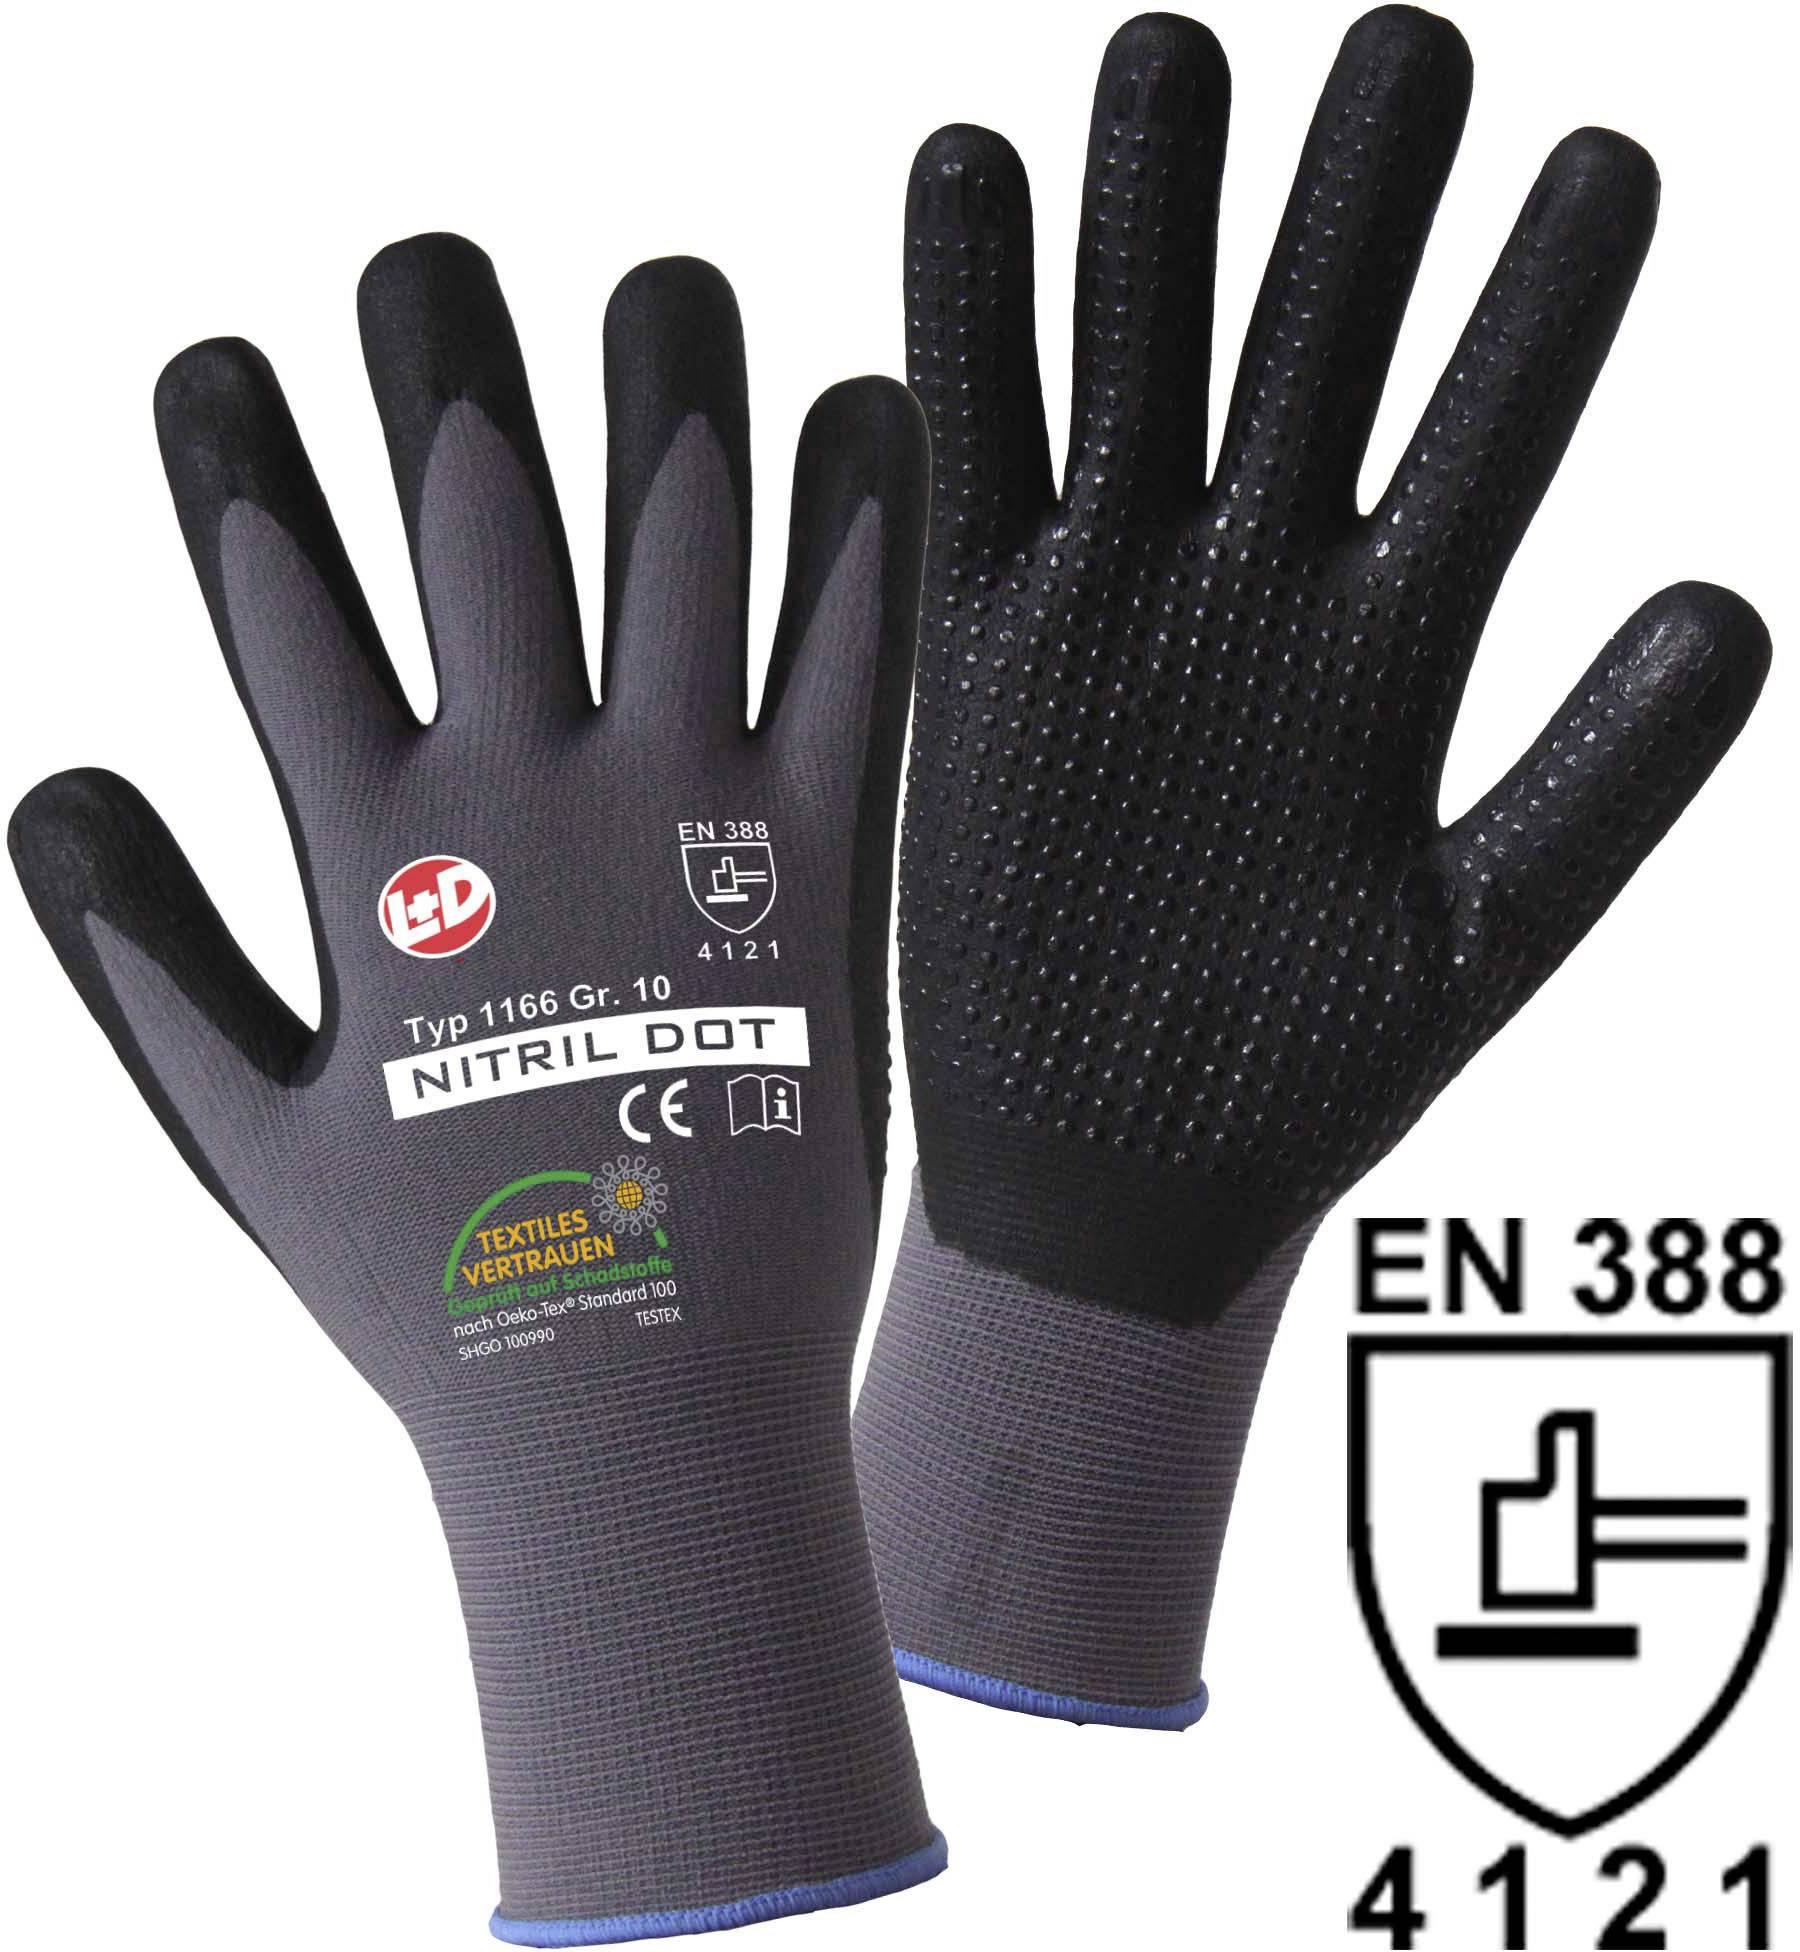 Pracovní rukavice Leipold + Döhle NITRIL DOT 1166, velikost rukavic: 7, S